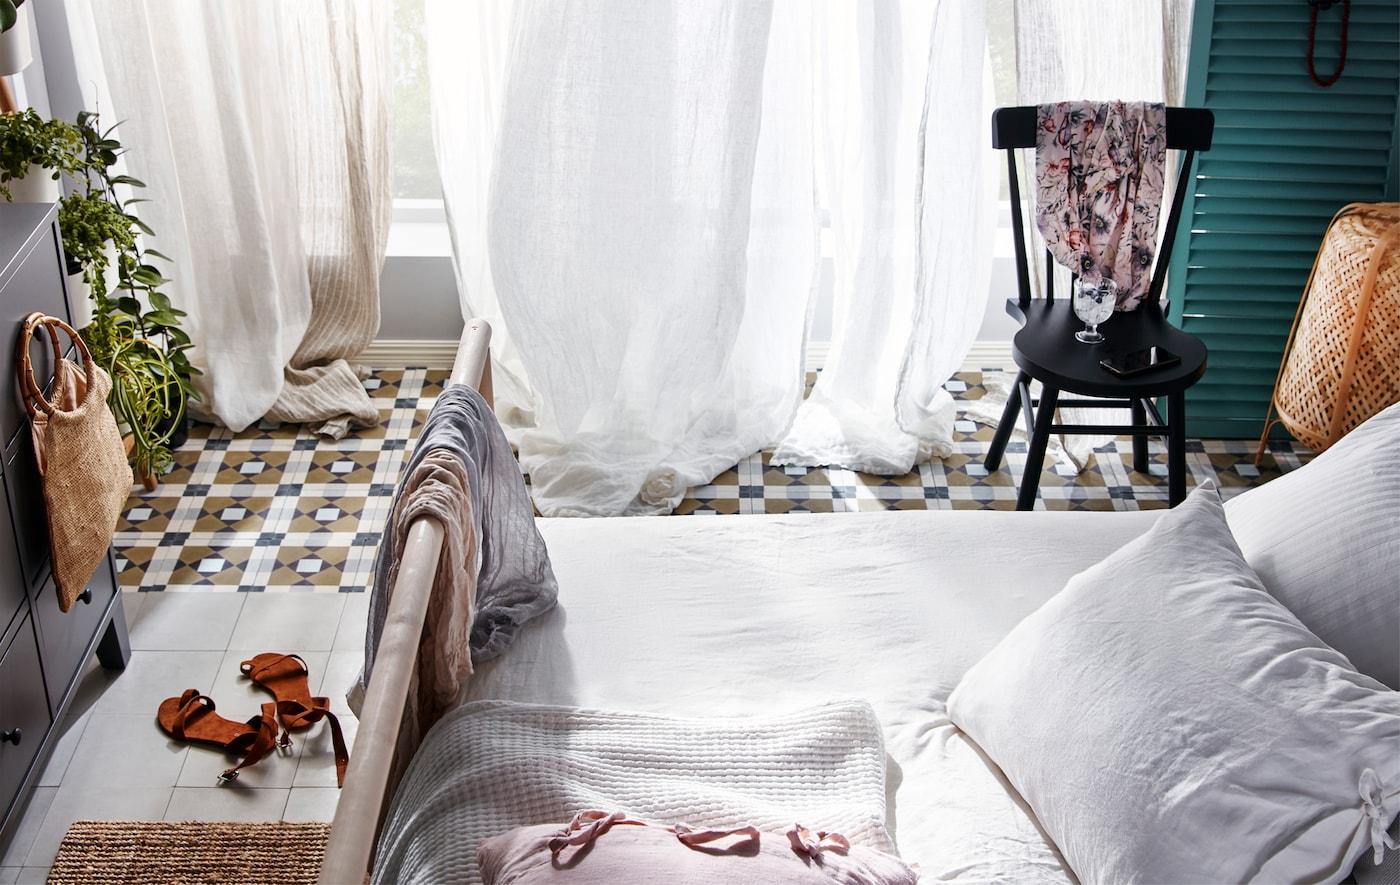 Dormitor cu ferestre pe toată suprafața peretelui, deschise, cu draperii opace, aparent legănându-se în bătaia vântului.